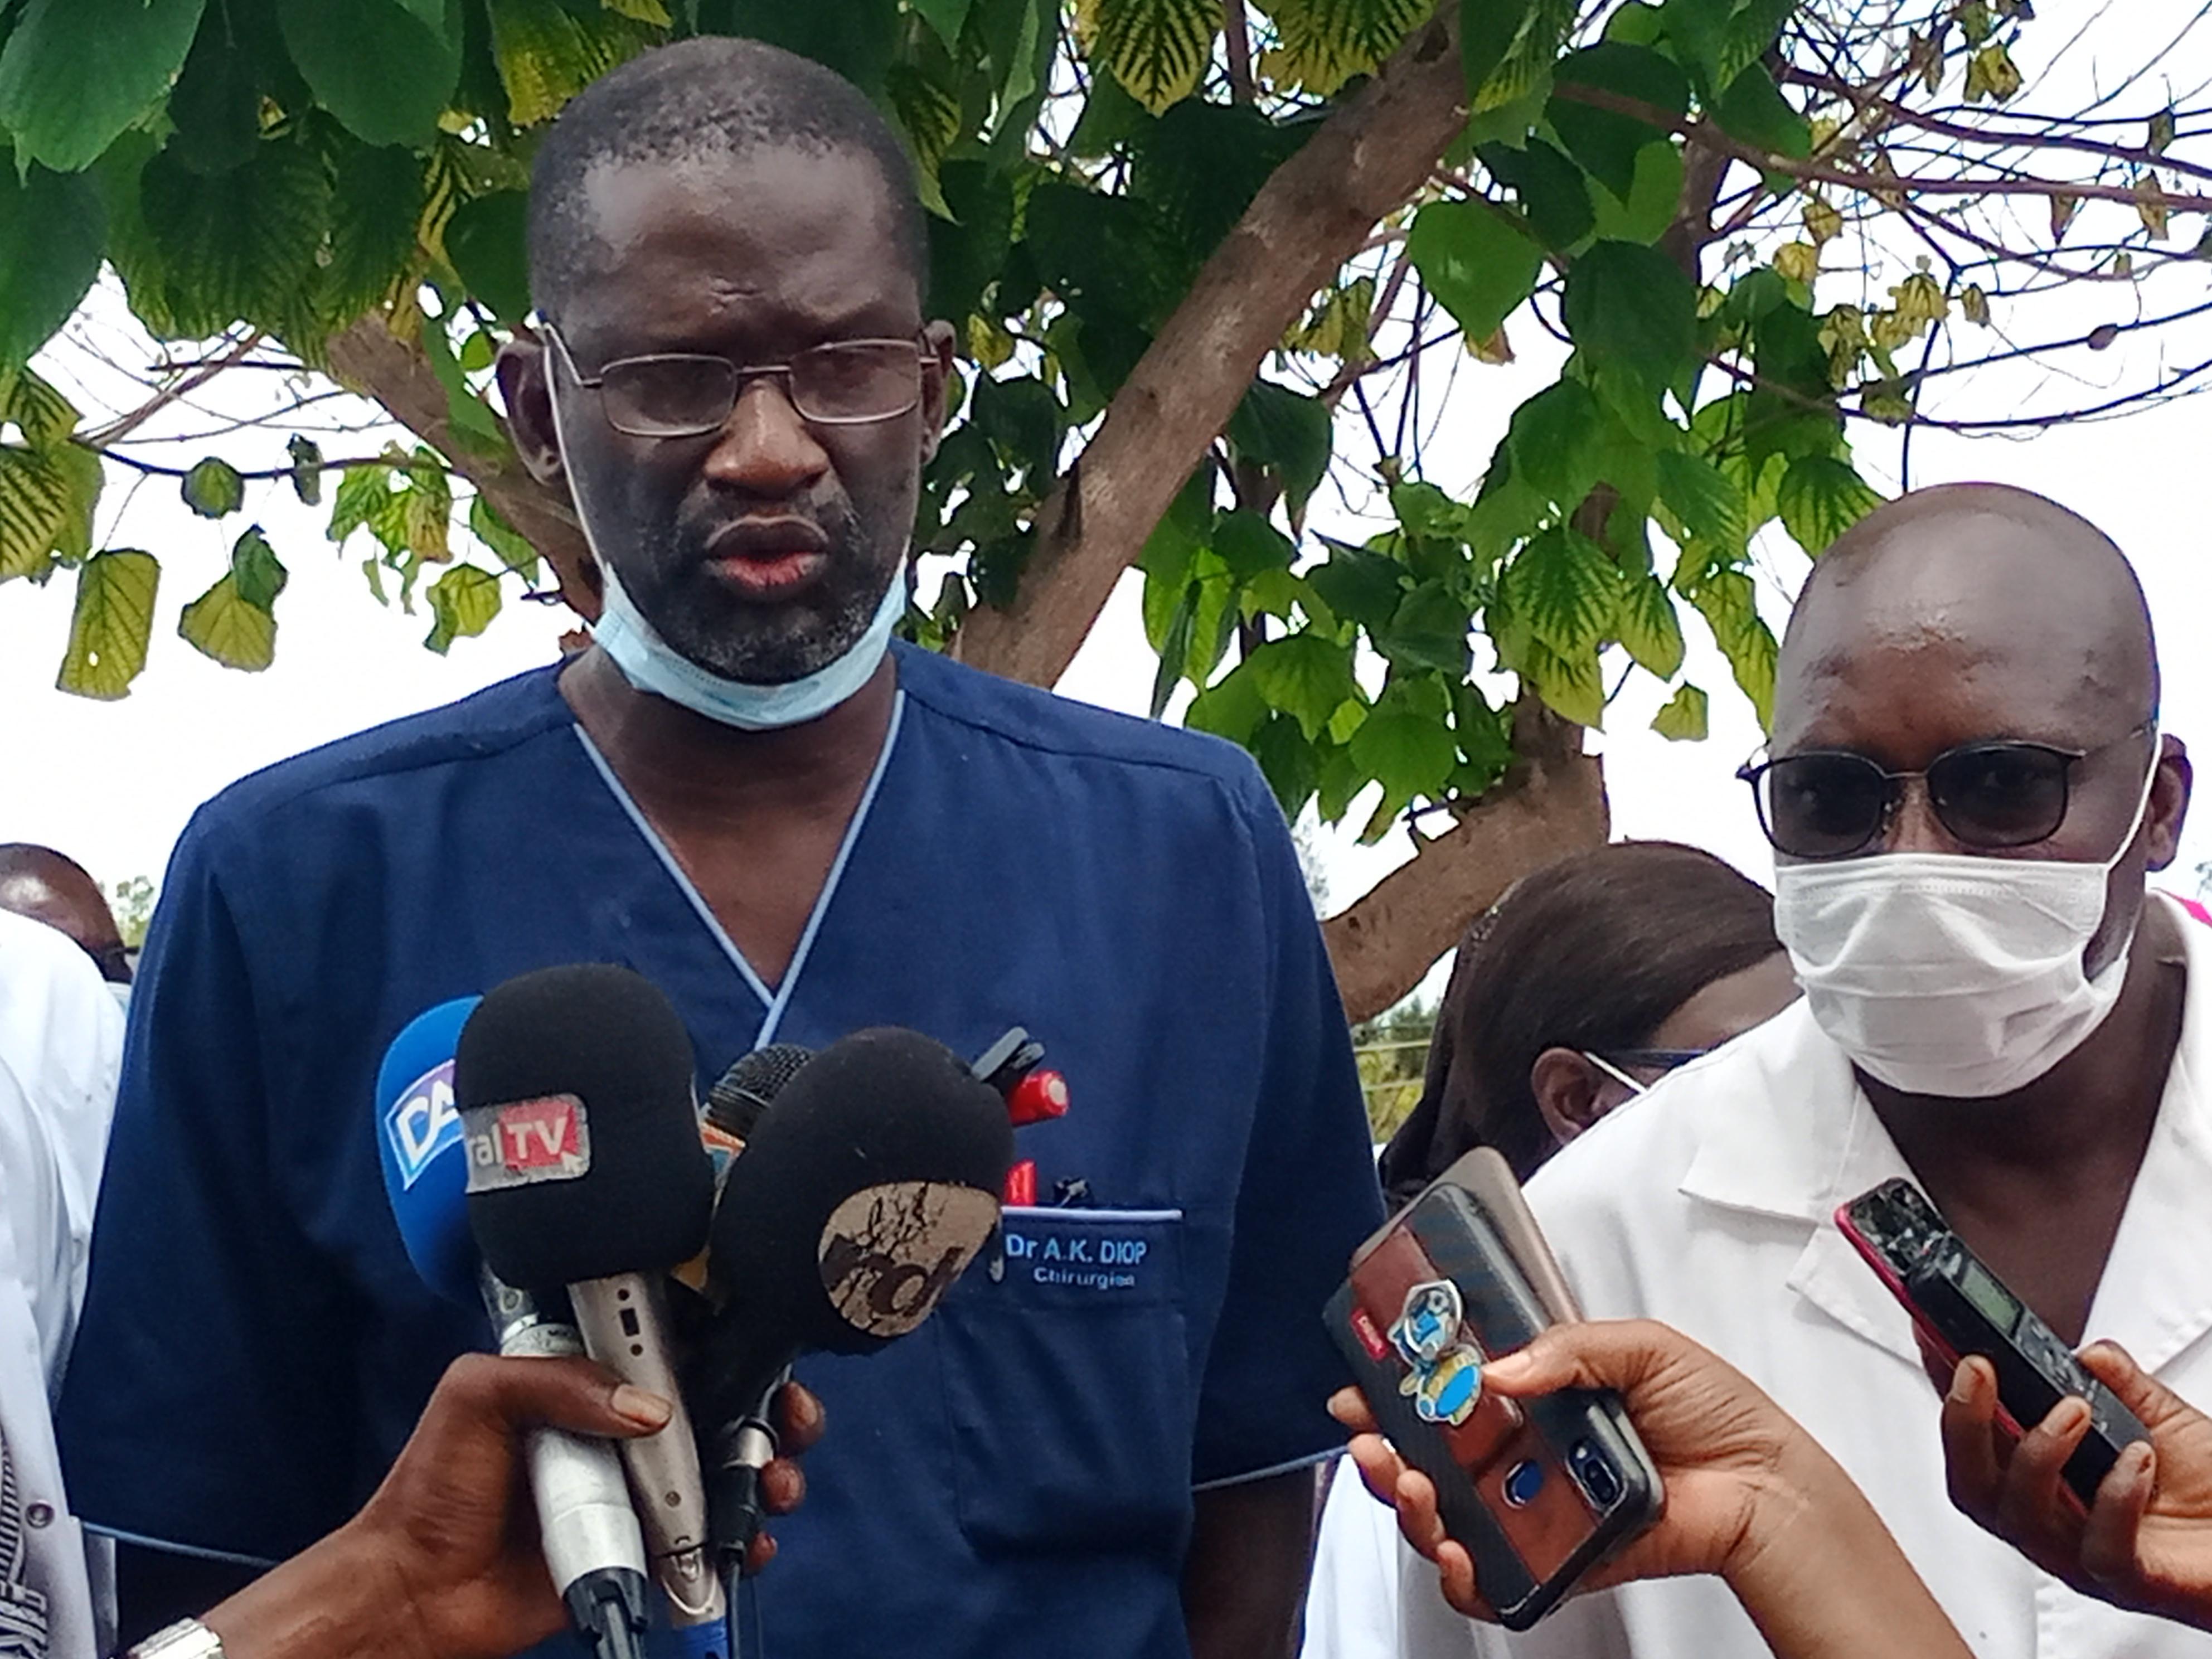 Mbour : Sit-in des agents de l'hôpital Grand Mbour pour exiger la résiliation immédiate et définitive de la convention Polymed / Epsi.